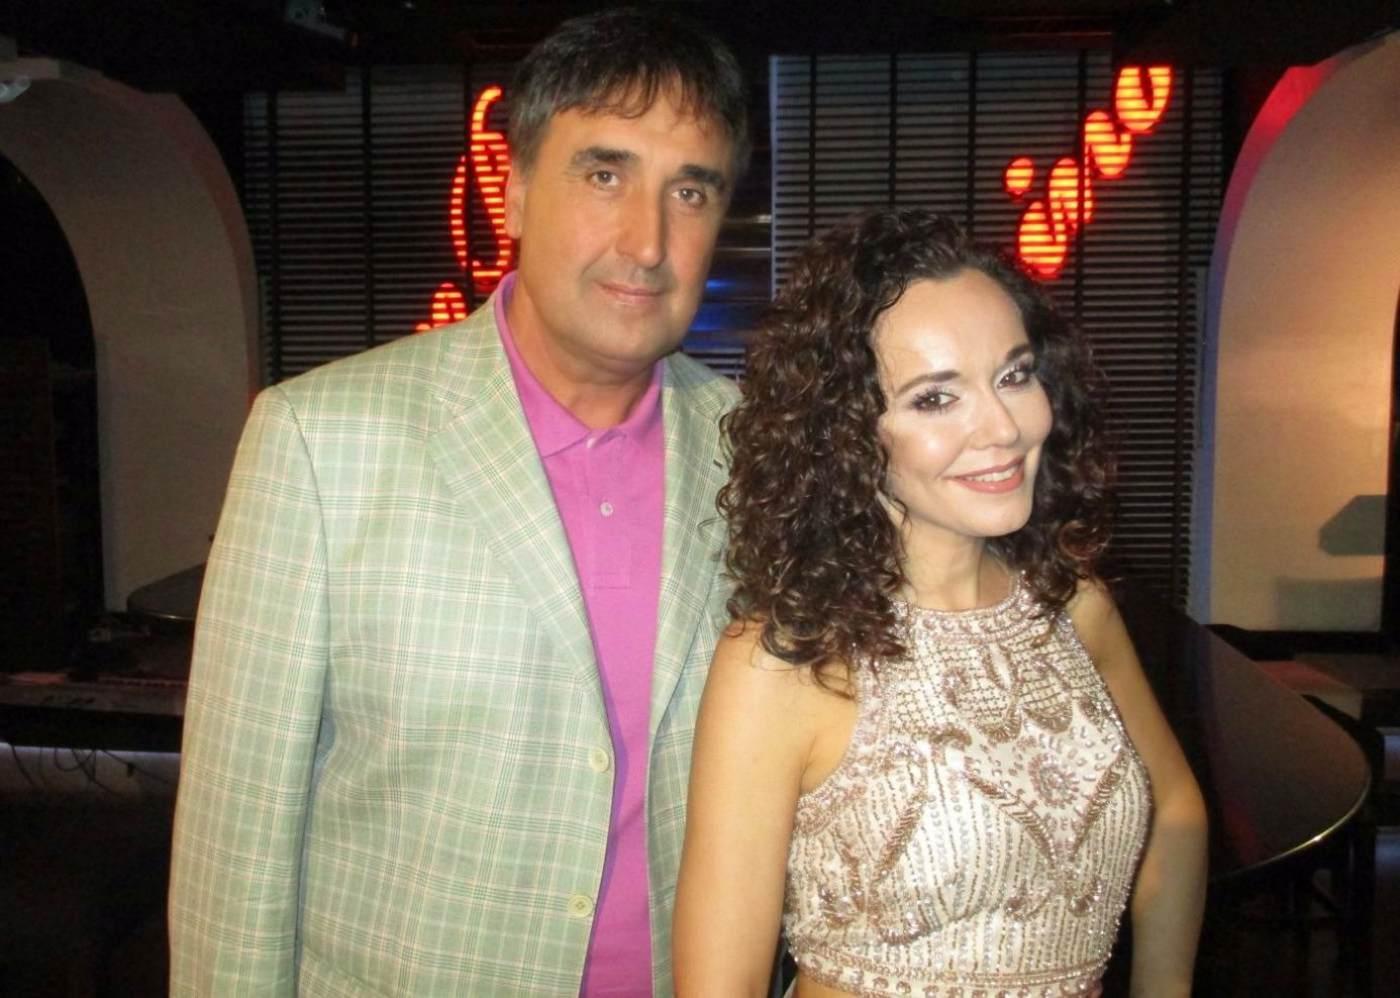 Веселин Маринов: Всеки последен албум показва моето израстване като музикант